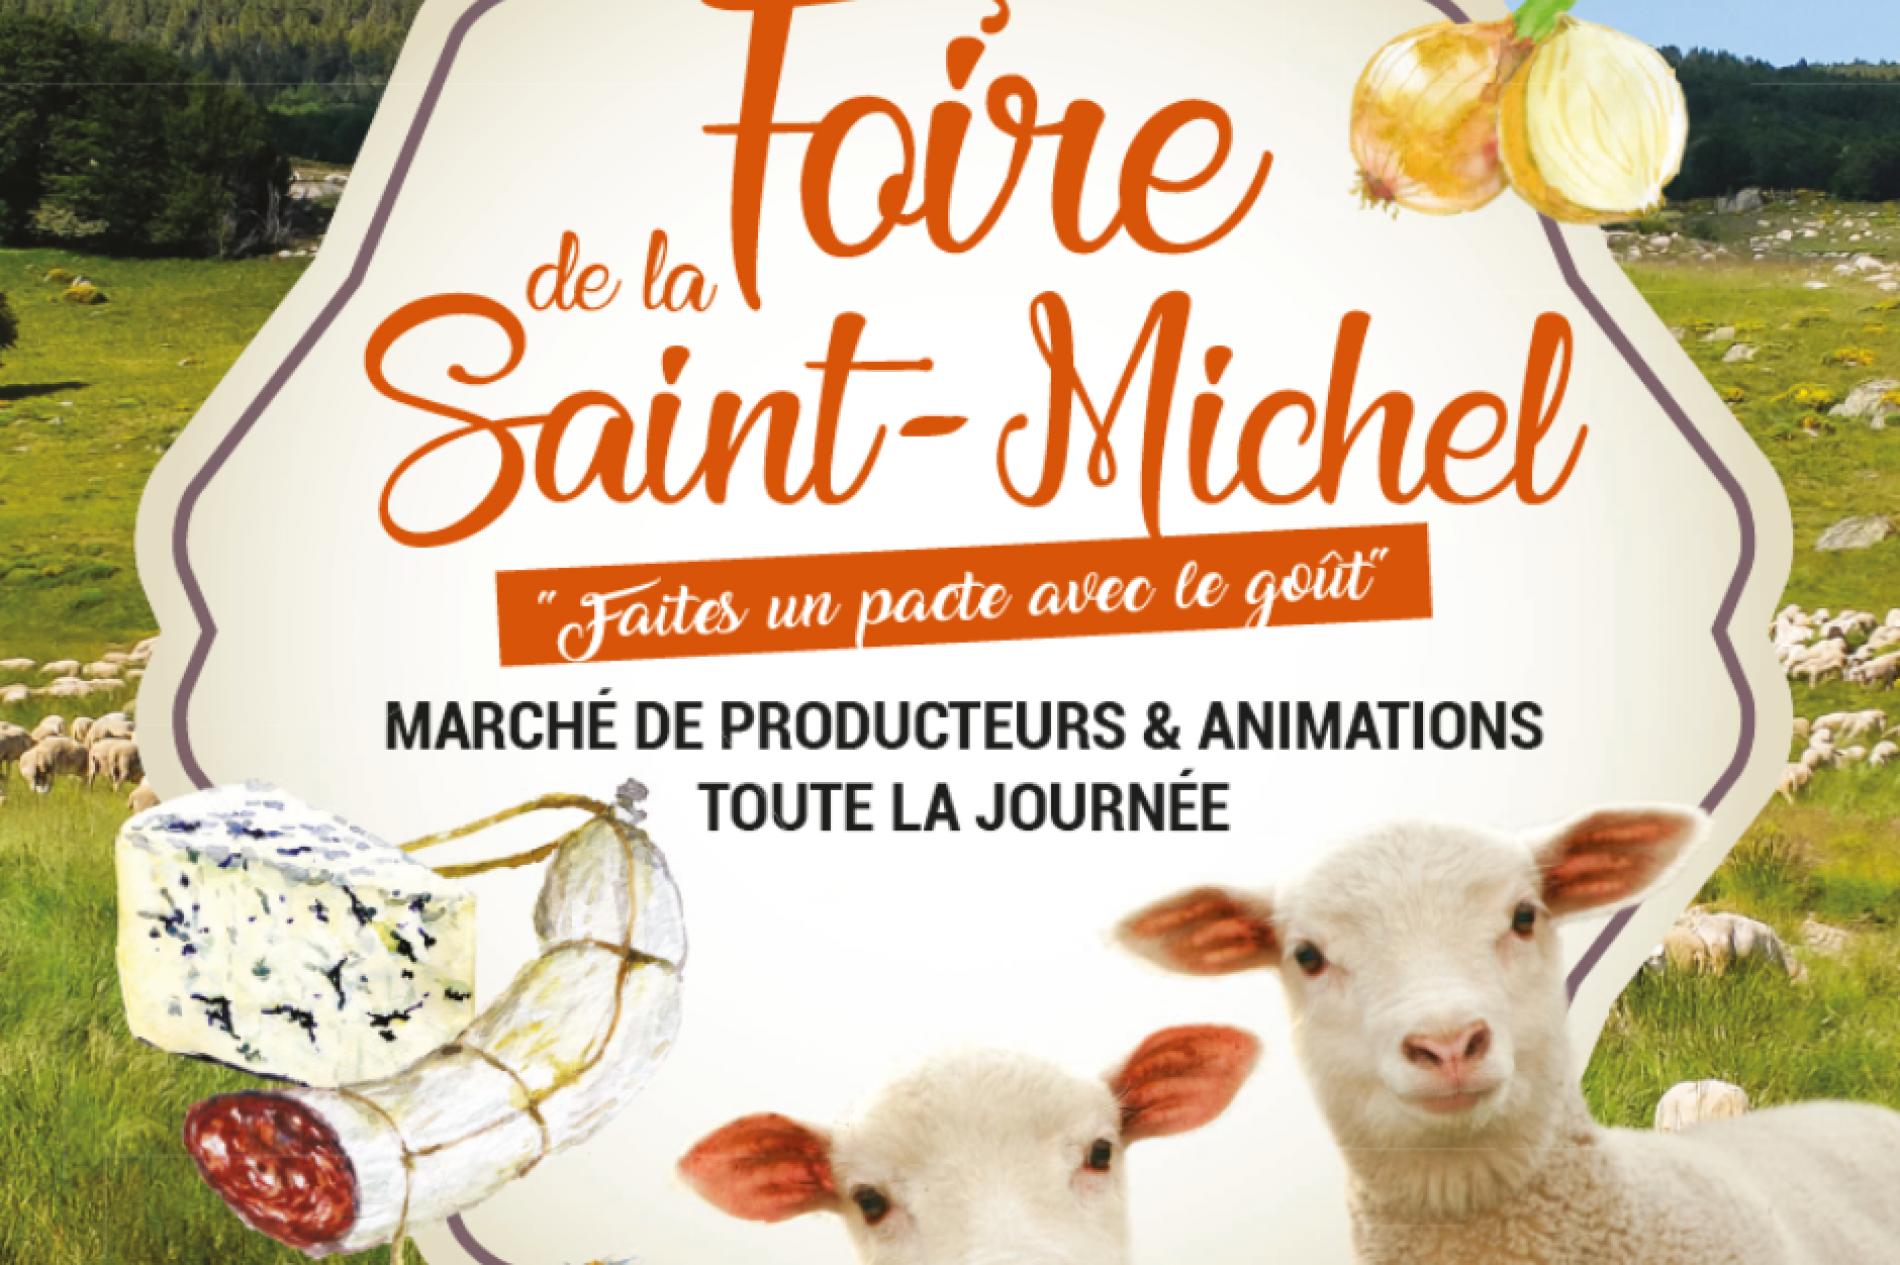 Foire de la Saint Michel